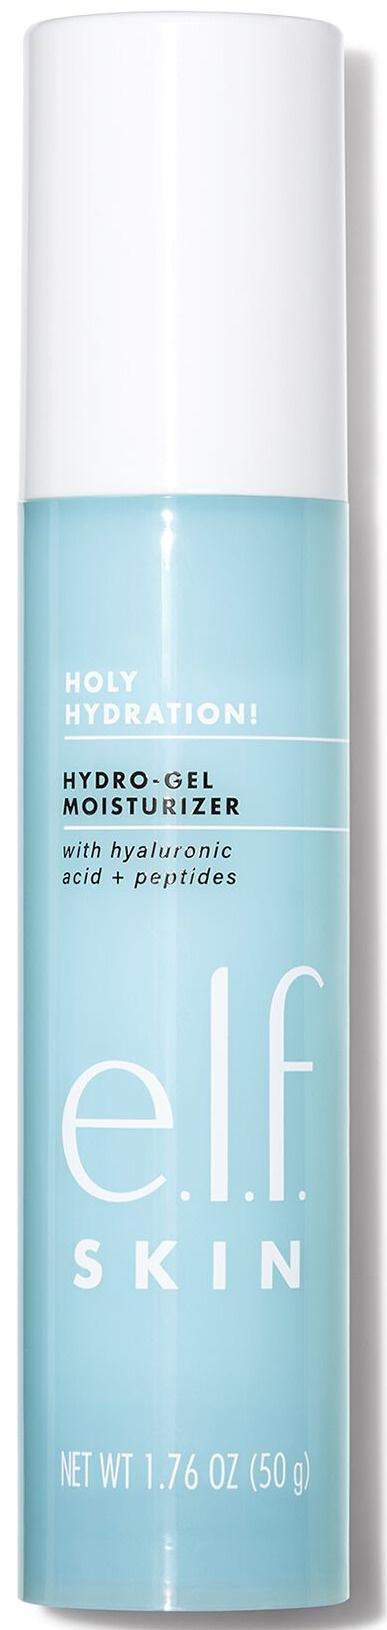 e.l.f. Holy Hydration! Hydro-Gel Moisturizer